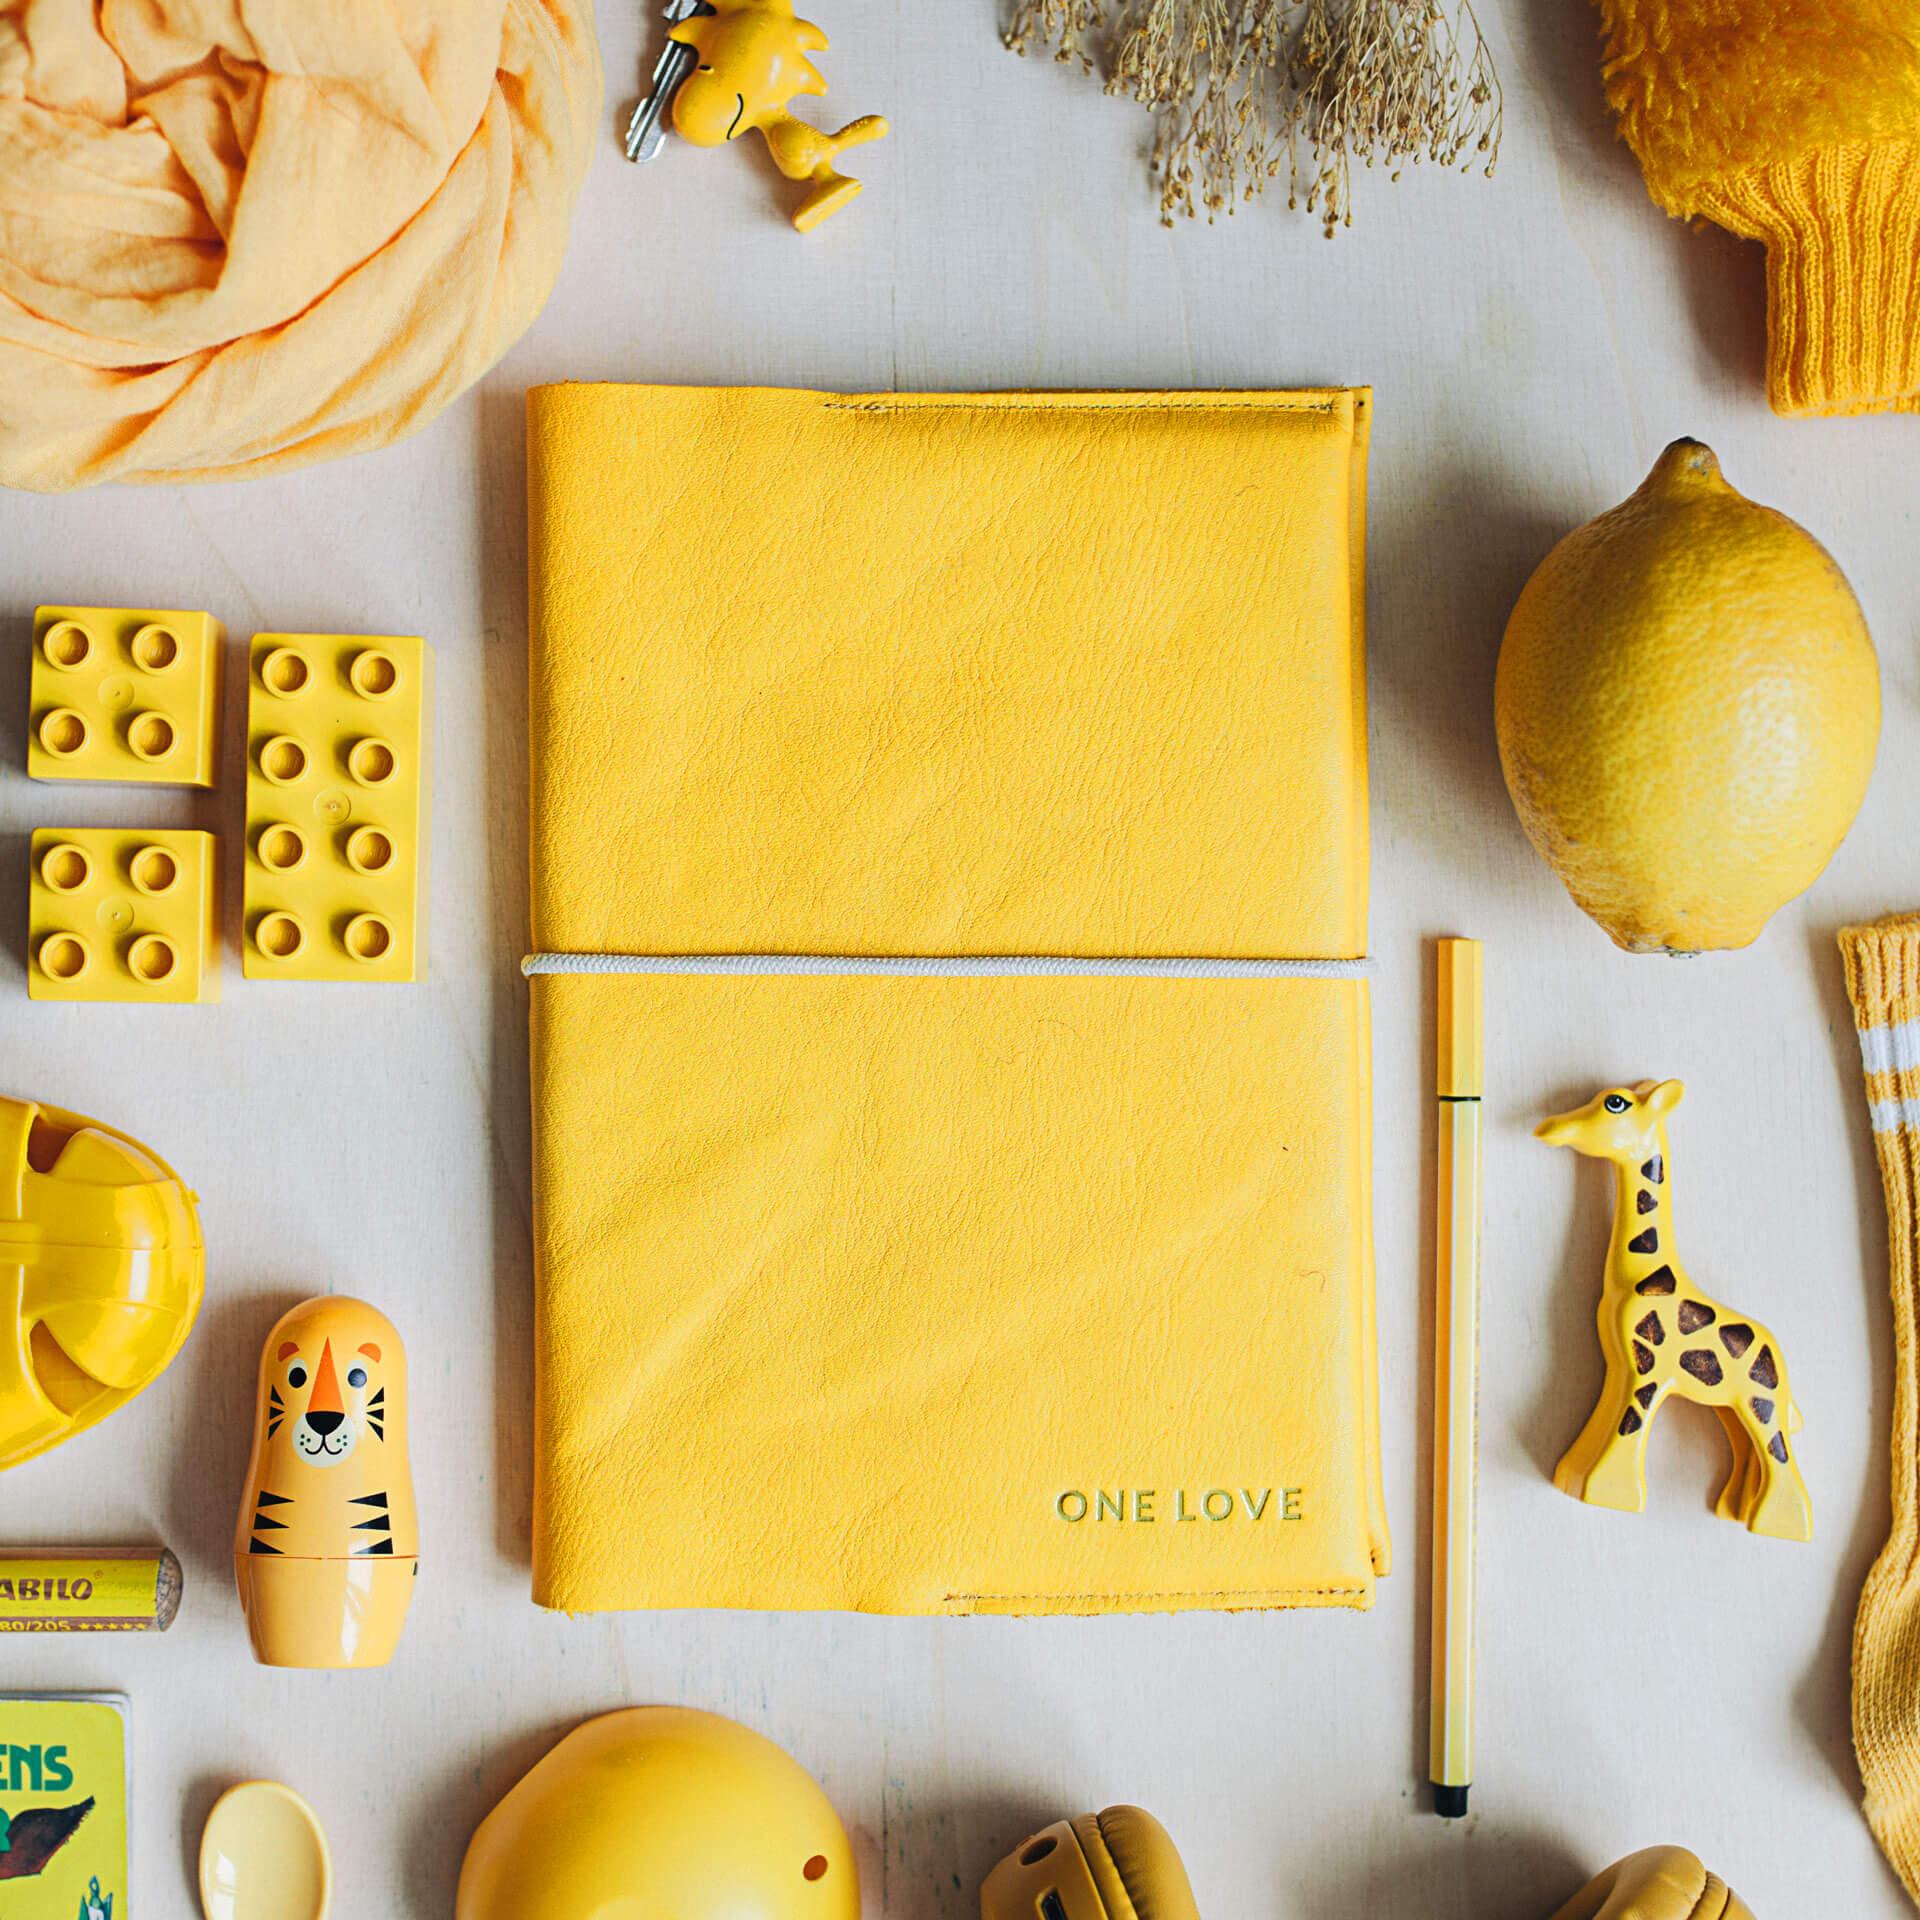 Mood Shot U-Hefthülle EVE aus nachhaltigem Naturleder in Curry mit individueller Prägung in Gold und cremefarbenem Verschlussband neben gelbem Spielzeug